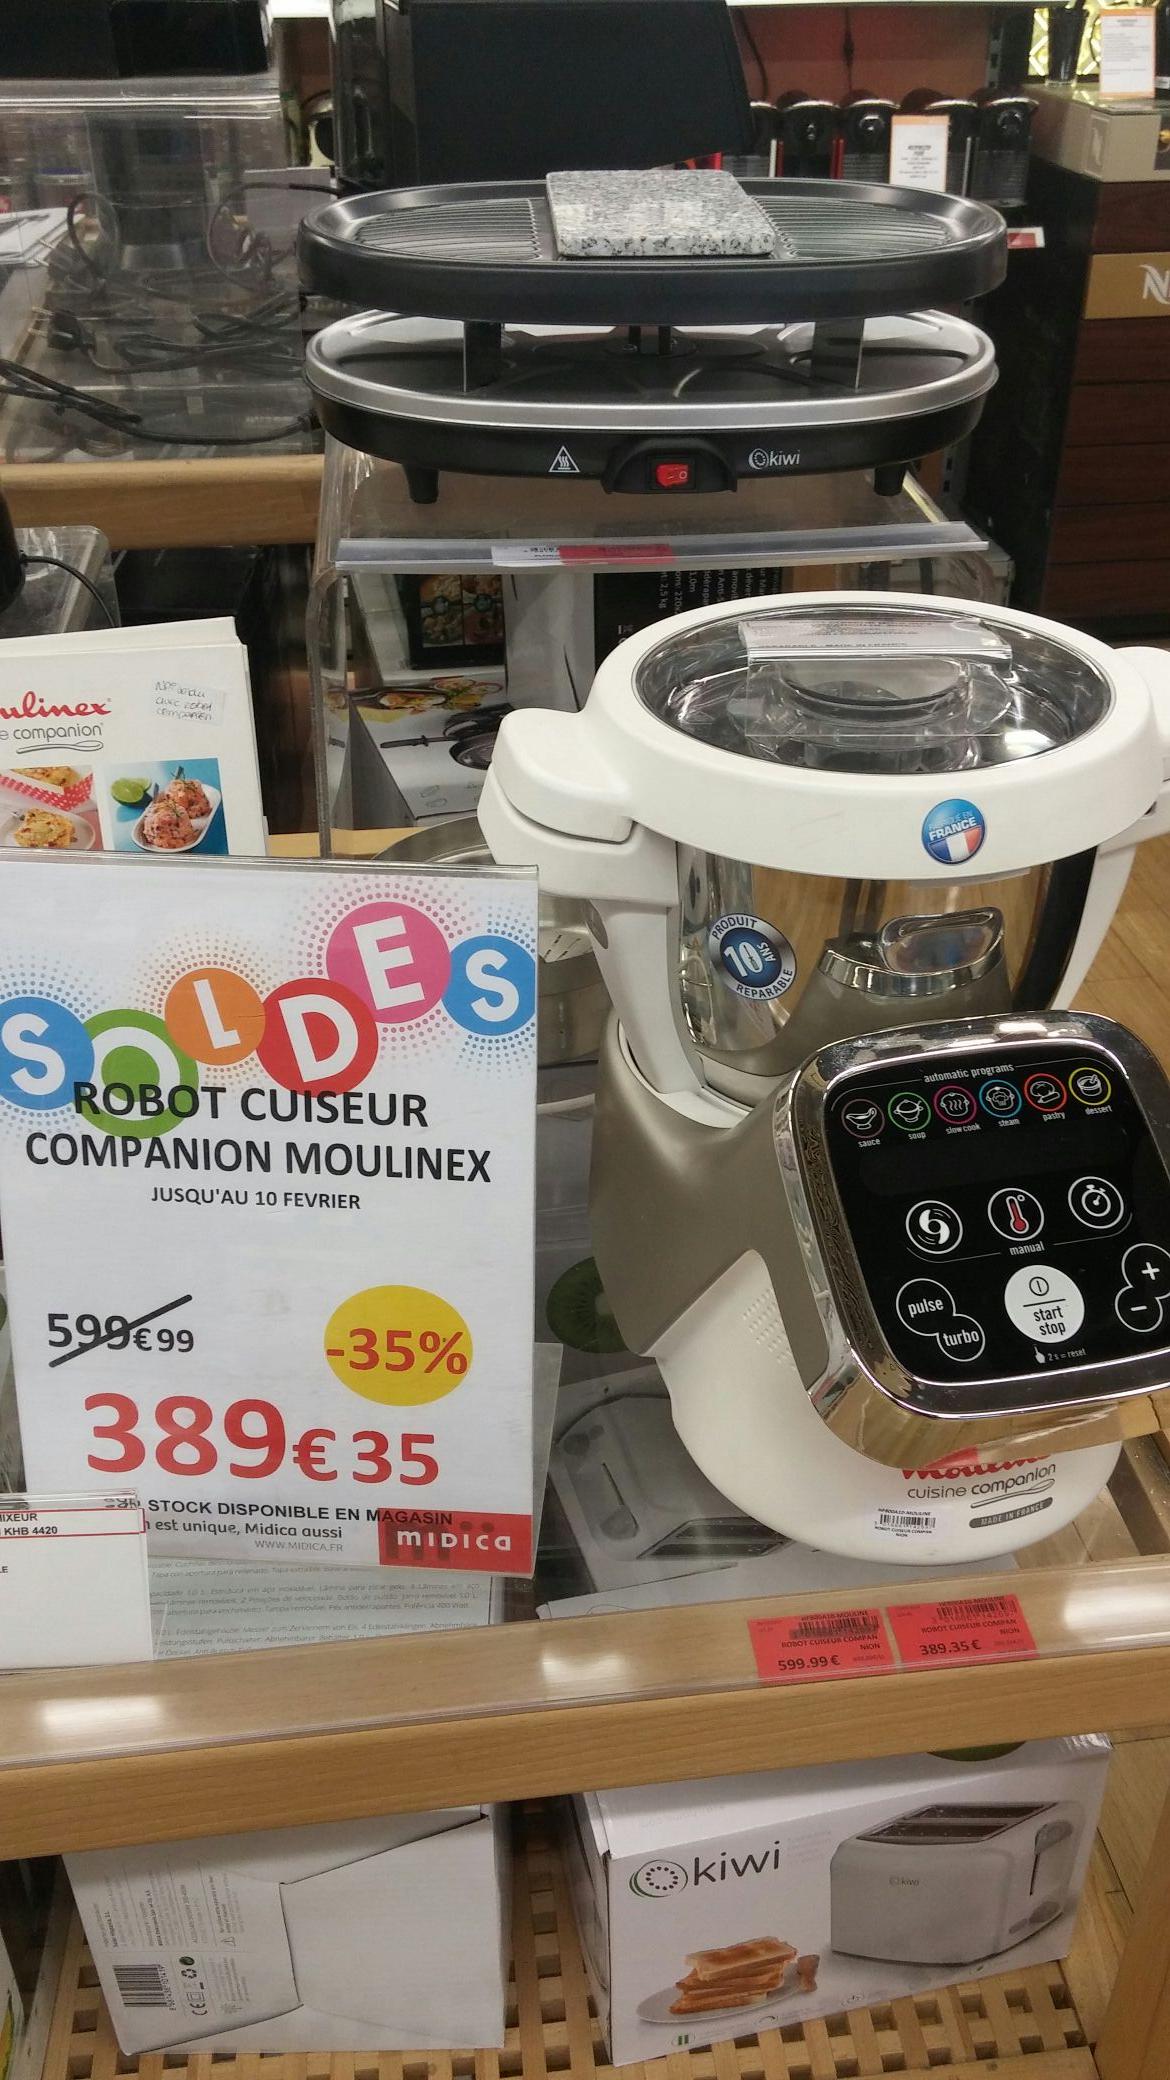 robot cuiseur moulinex companion midica toulouse 31. Black Bedroom Furniture Sets. Home Design Ideas